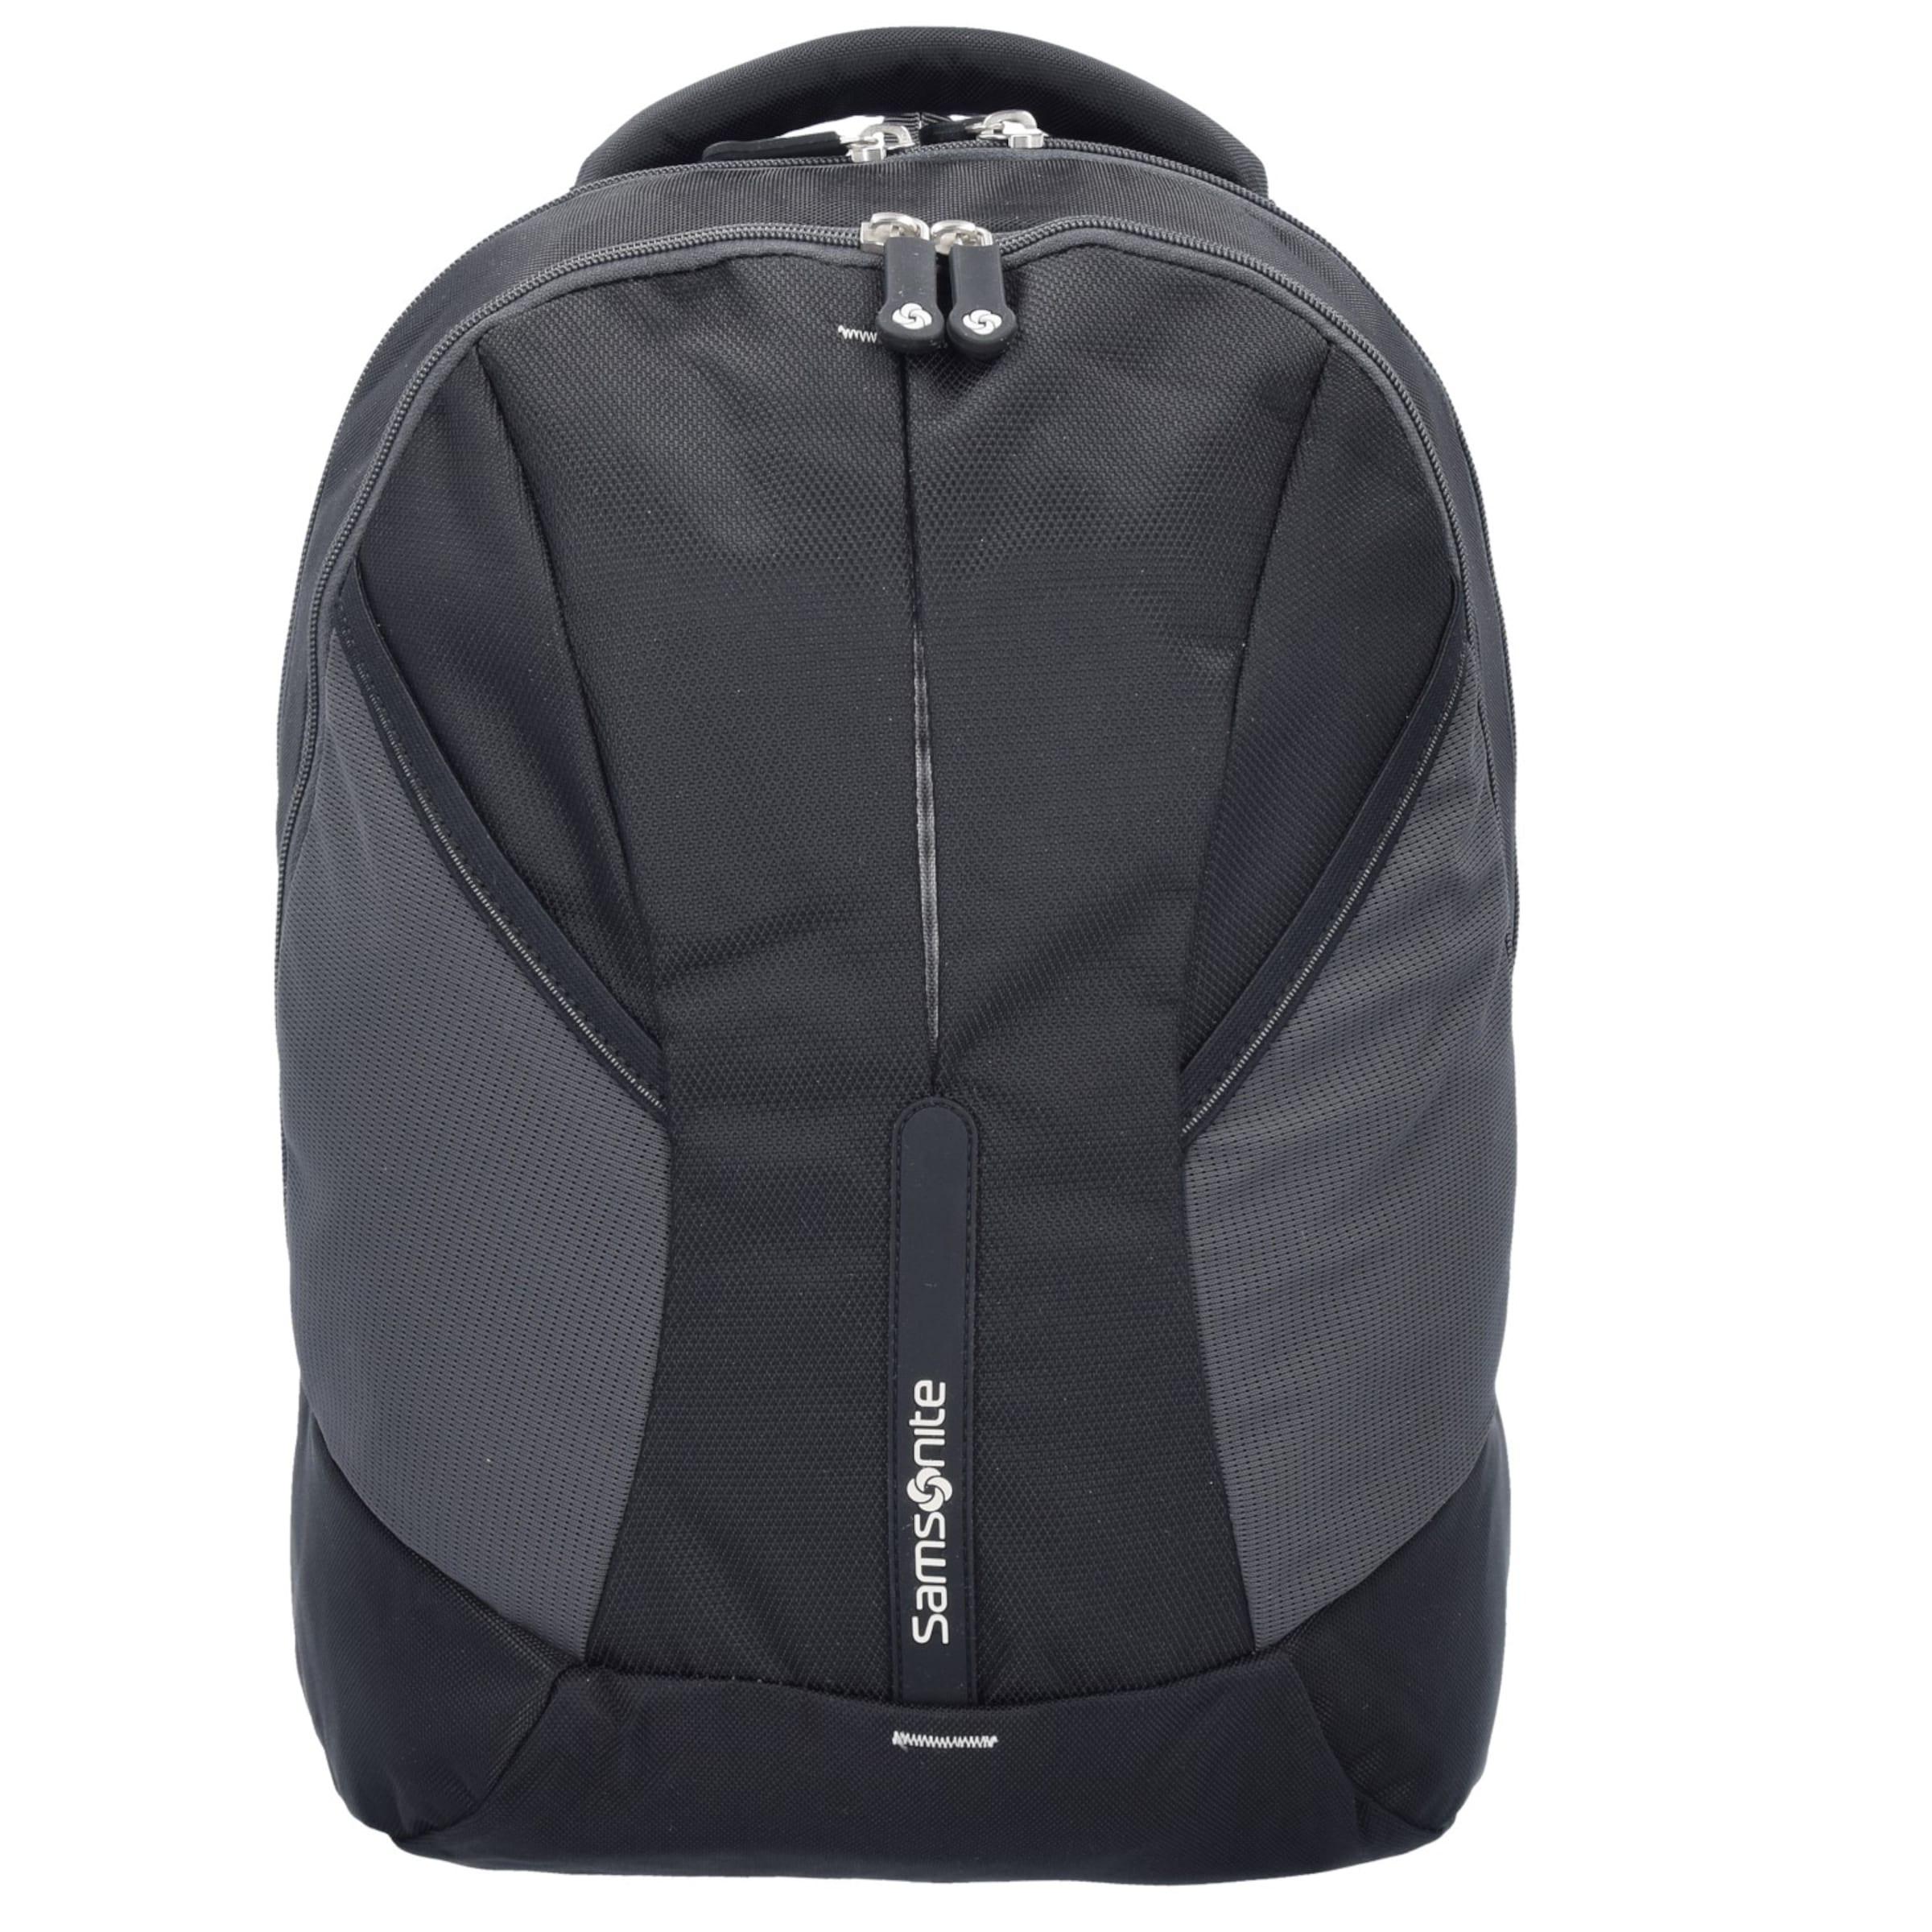 Rucksack Laptopfach In Samsonite Cm 39 RauchgrauHellgrün 4mation P80nOkw